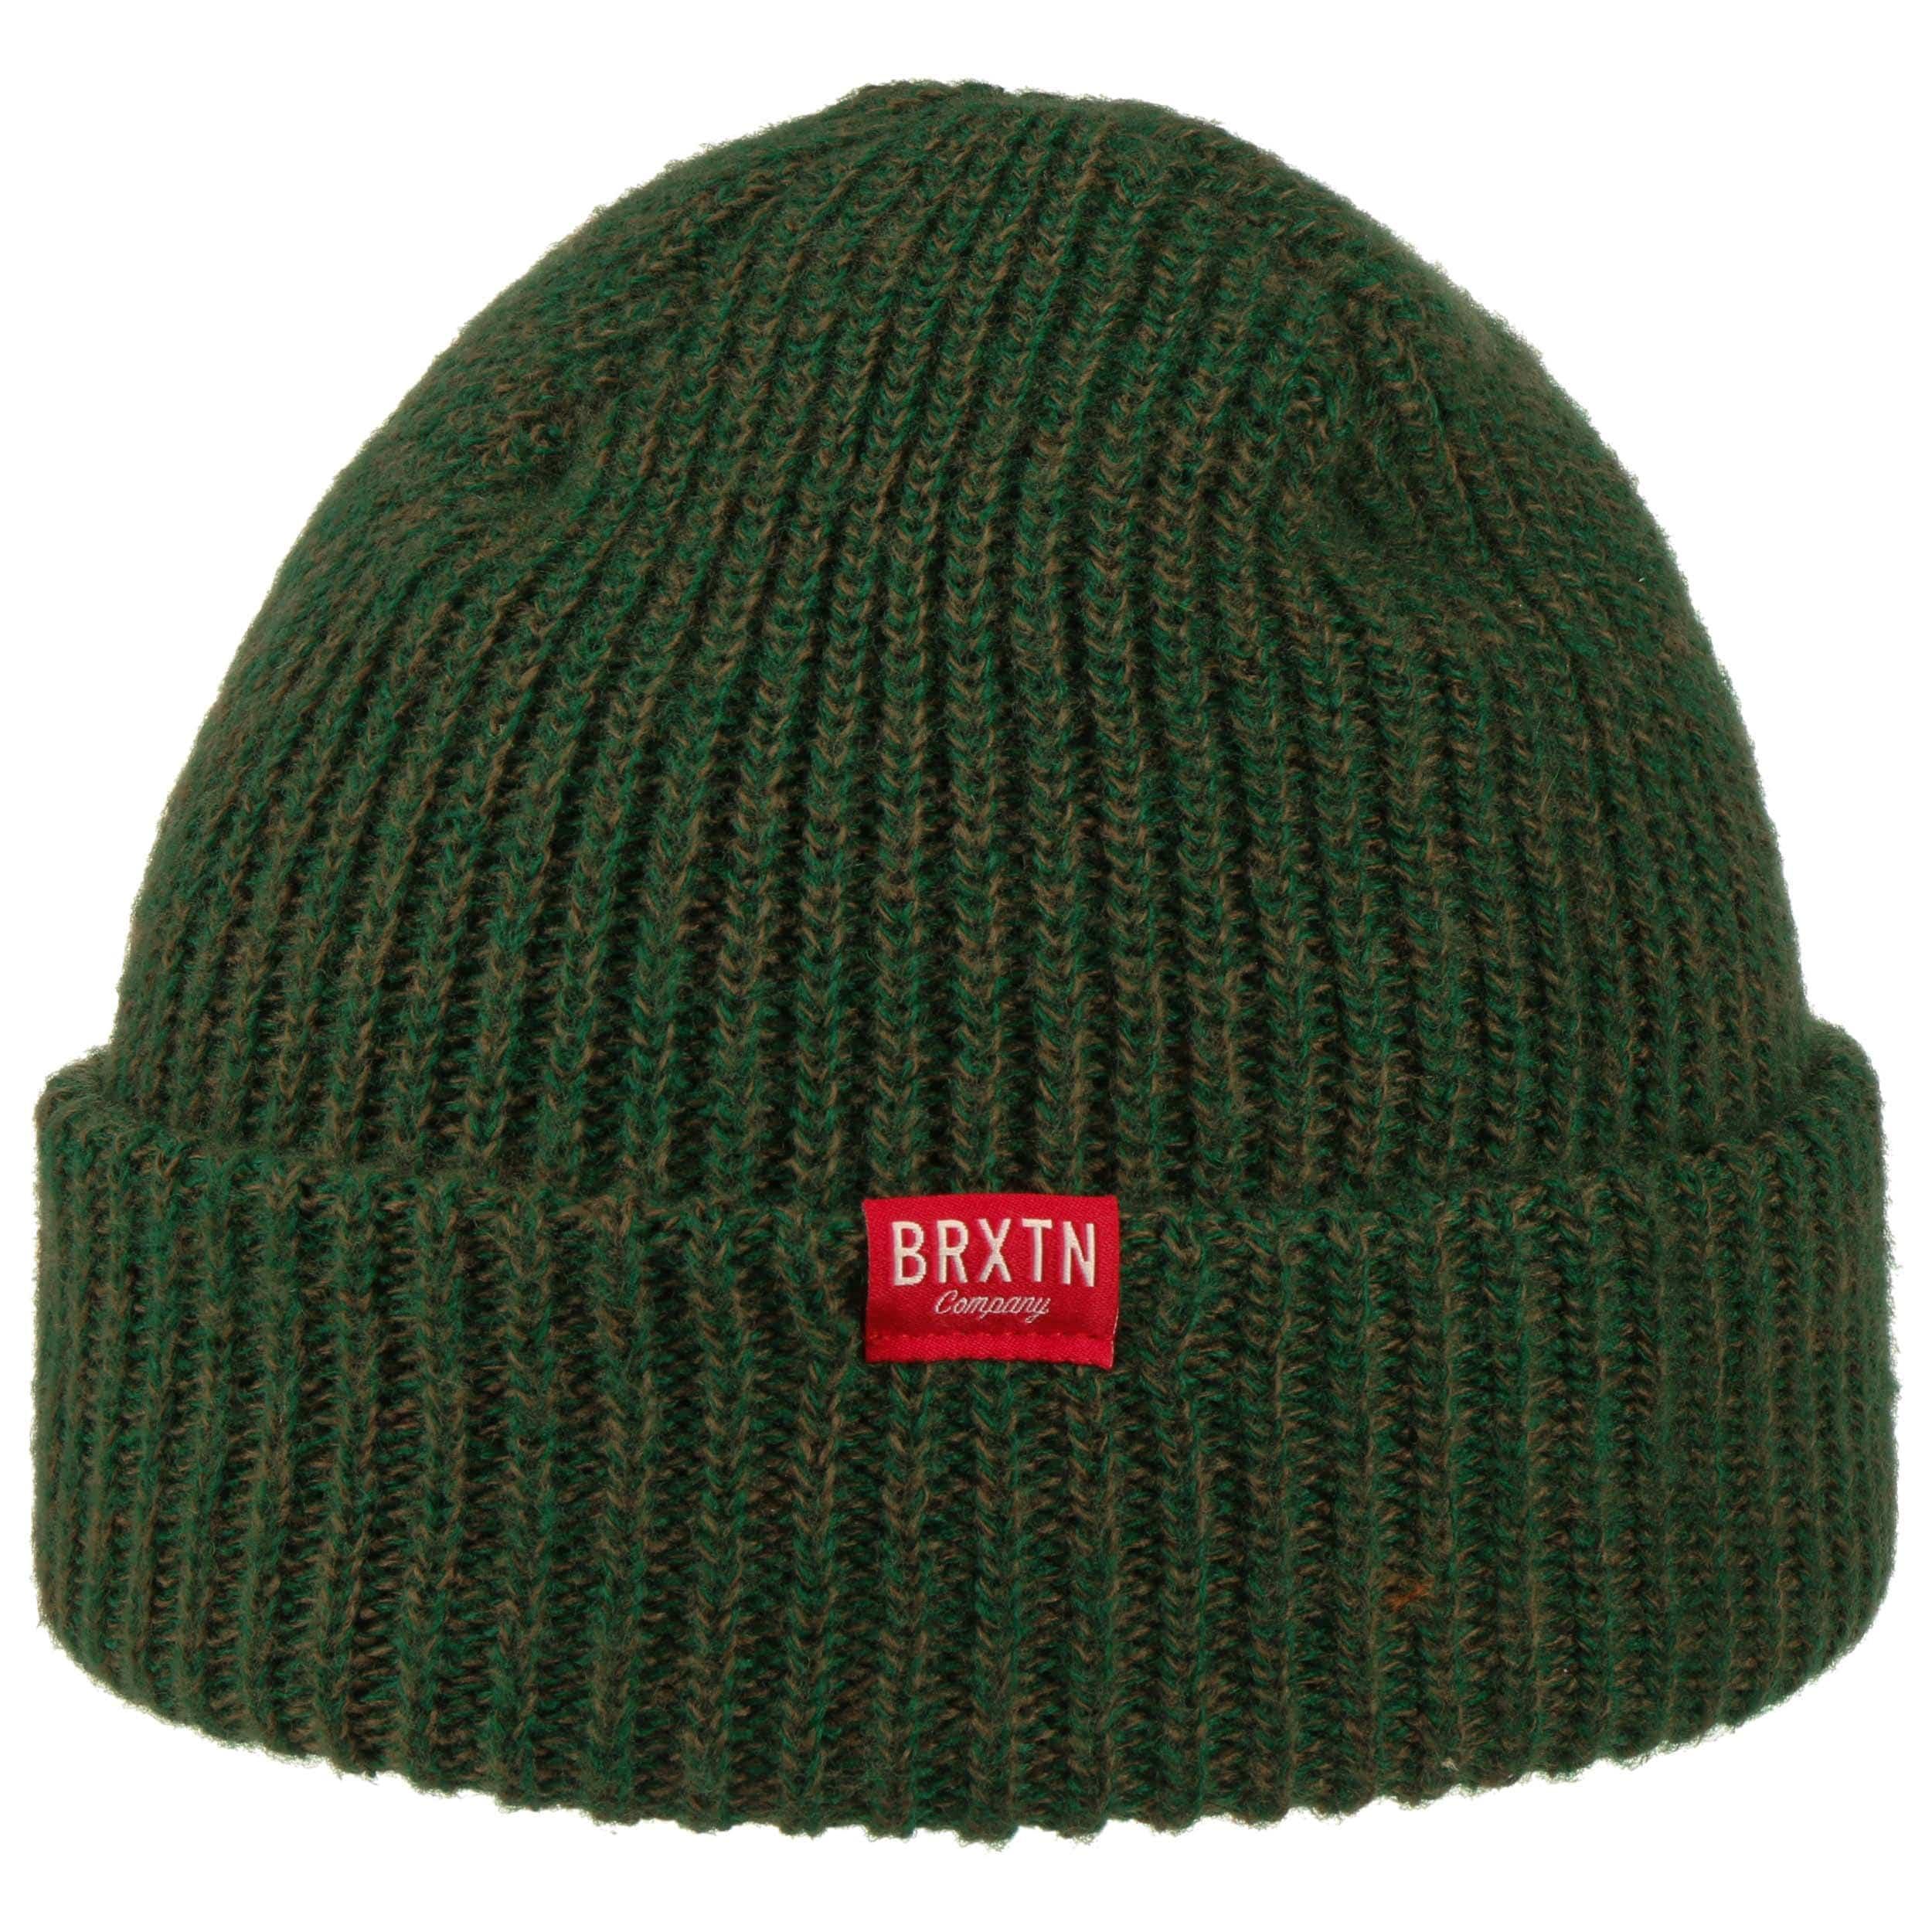 9c81b45b ... Redmonds Beanie Hat by Brixton - dark green 3 ...